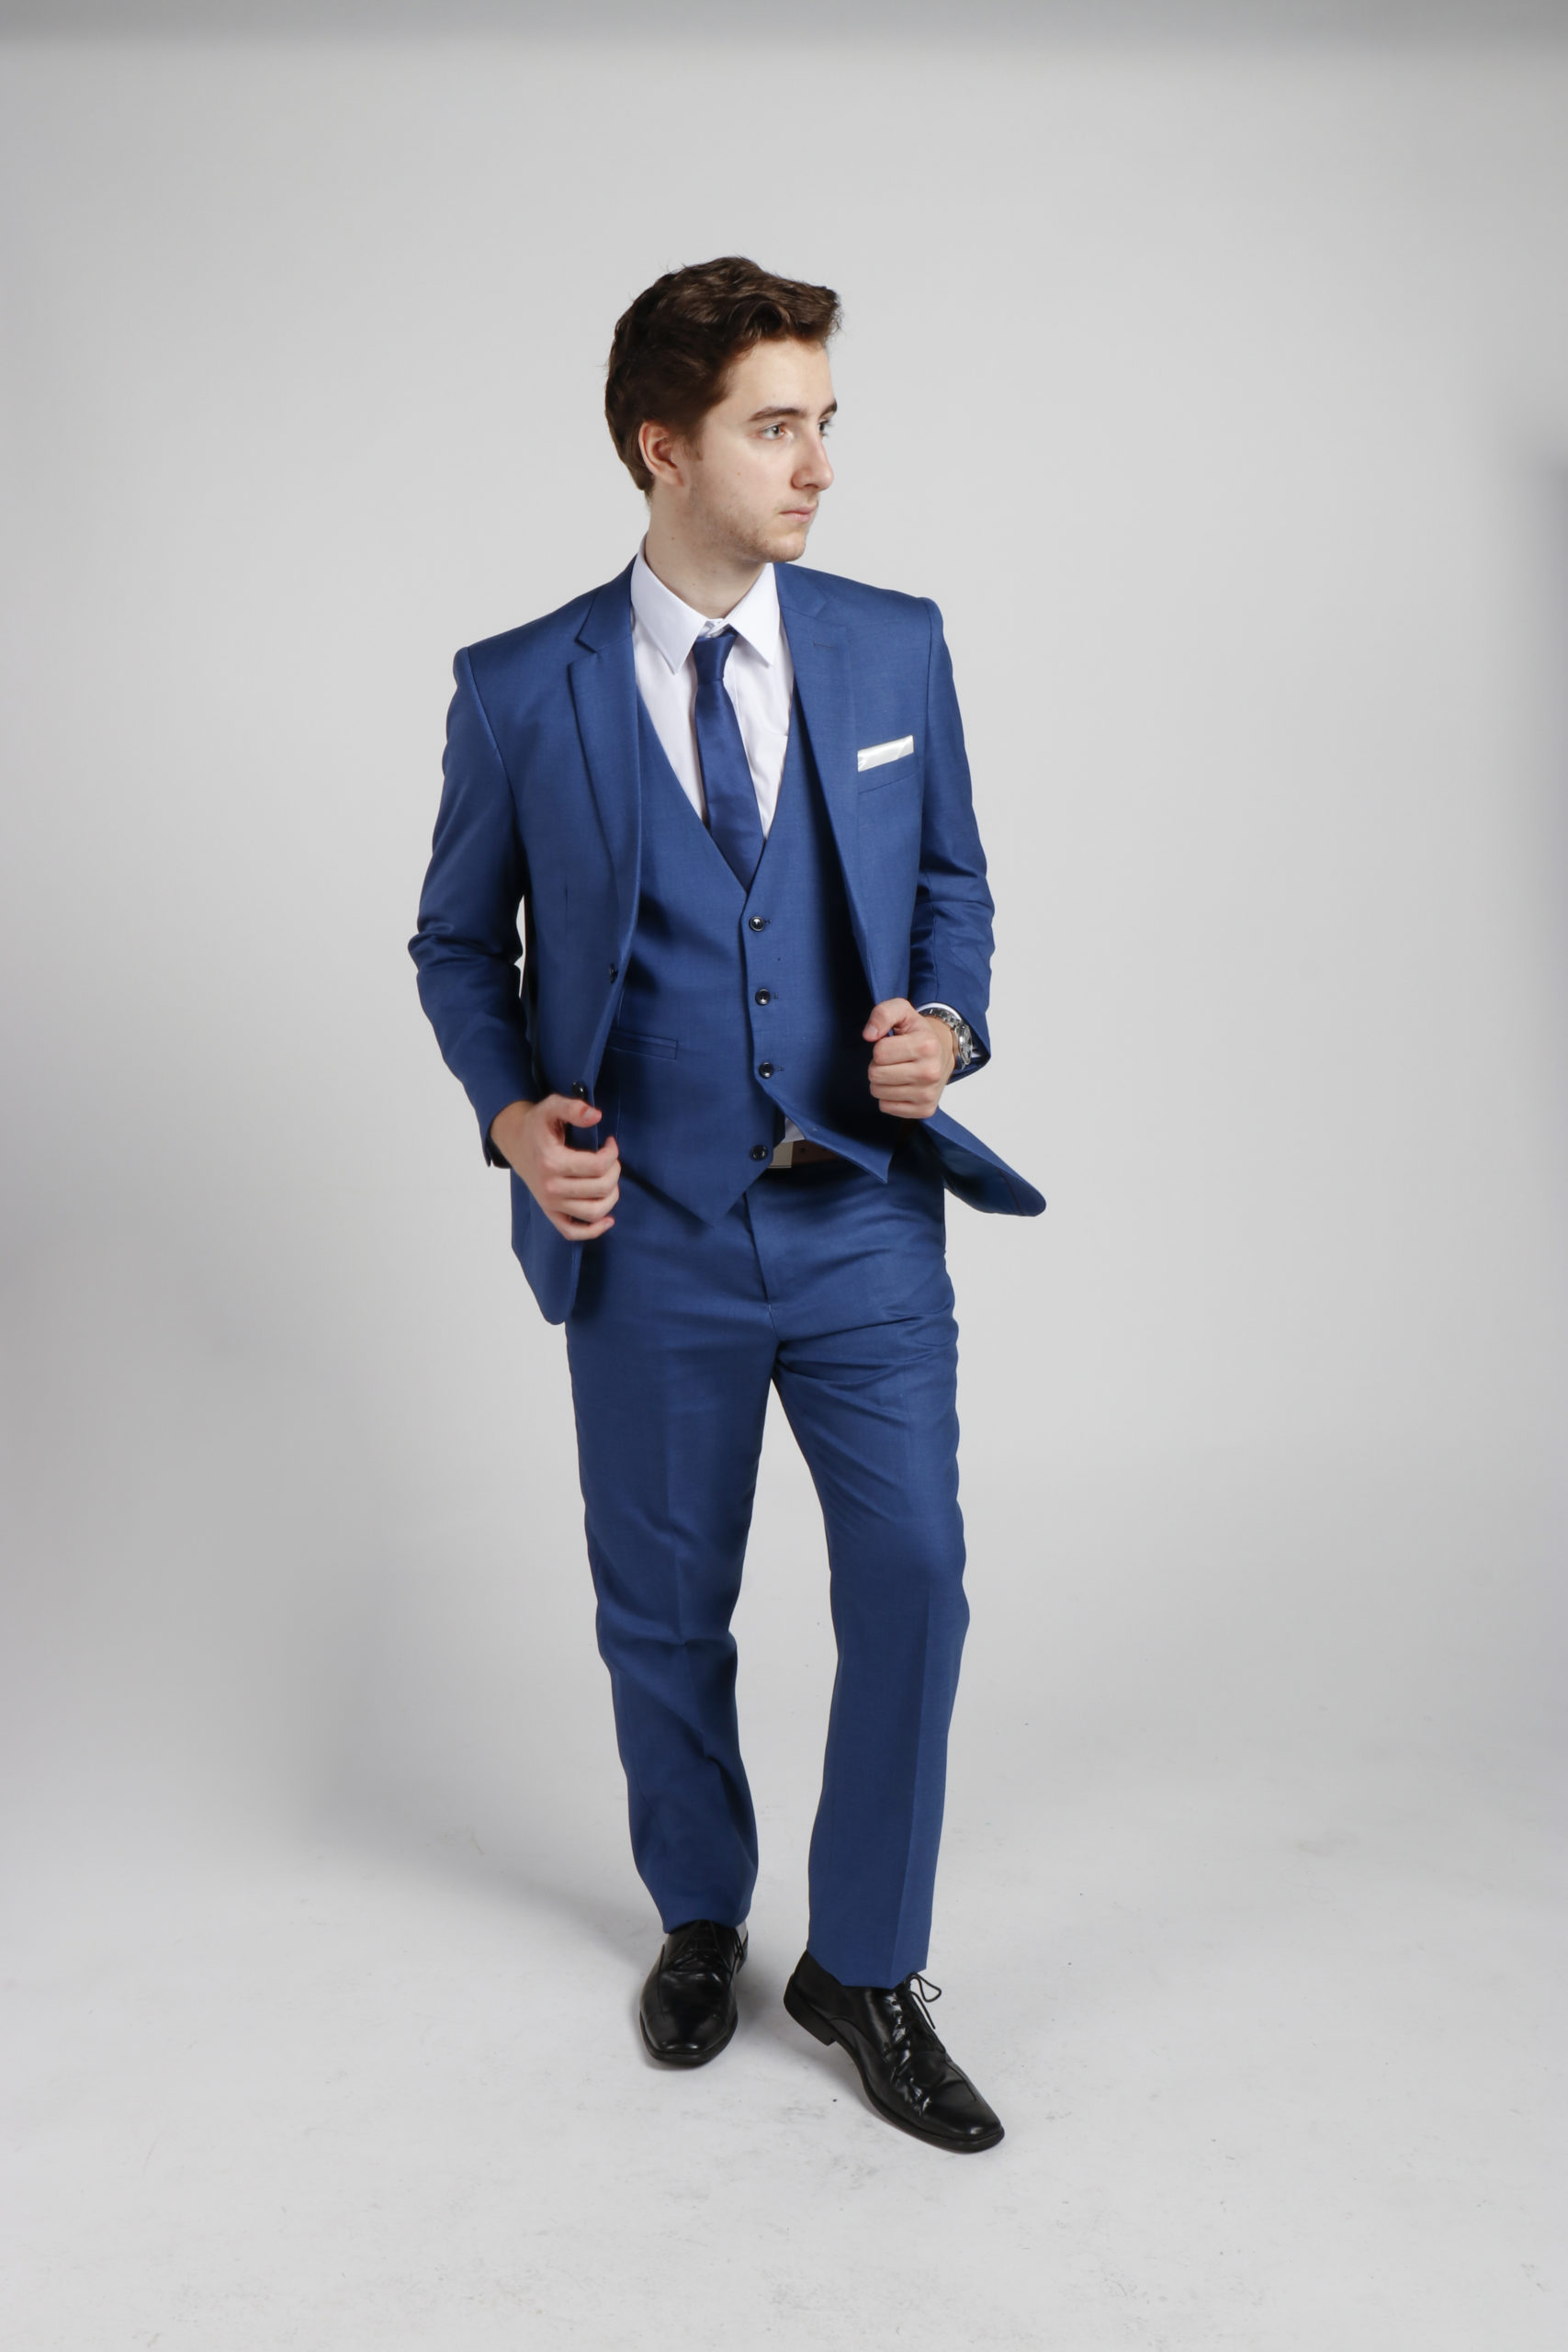 Royal Blue Suit